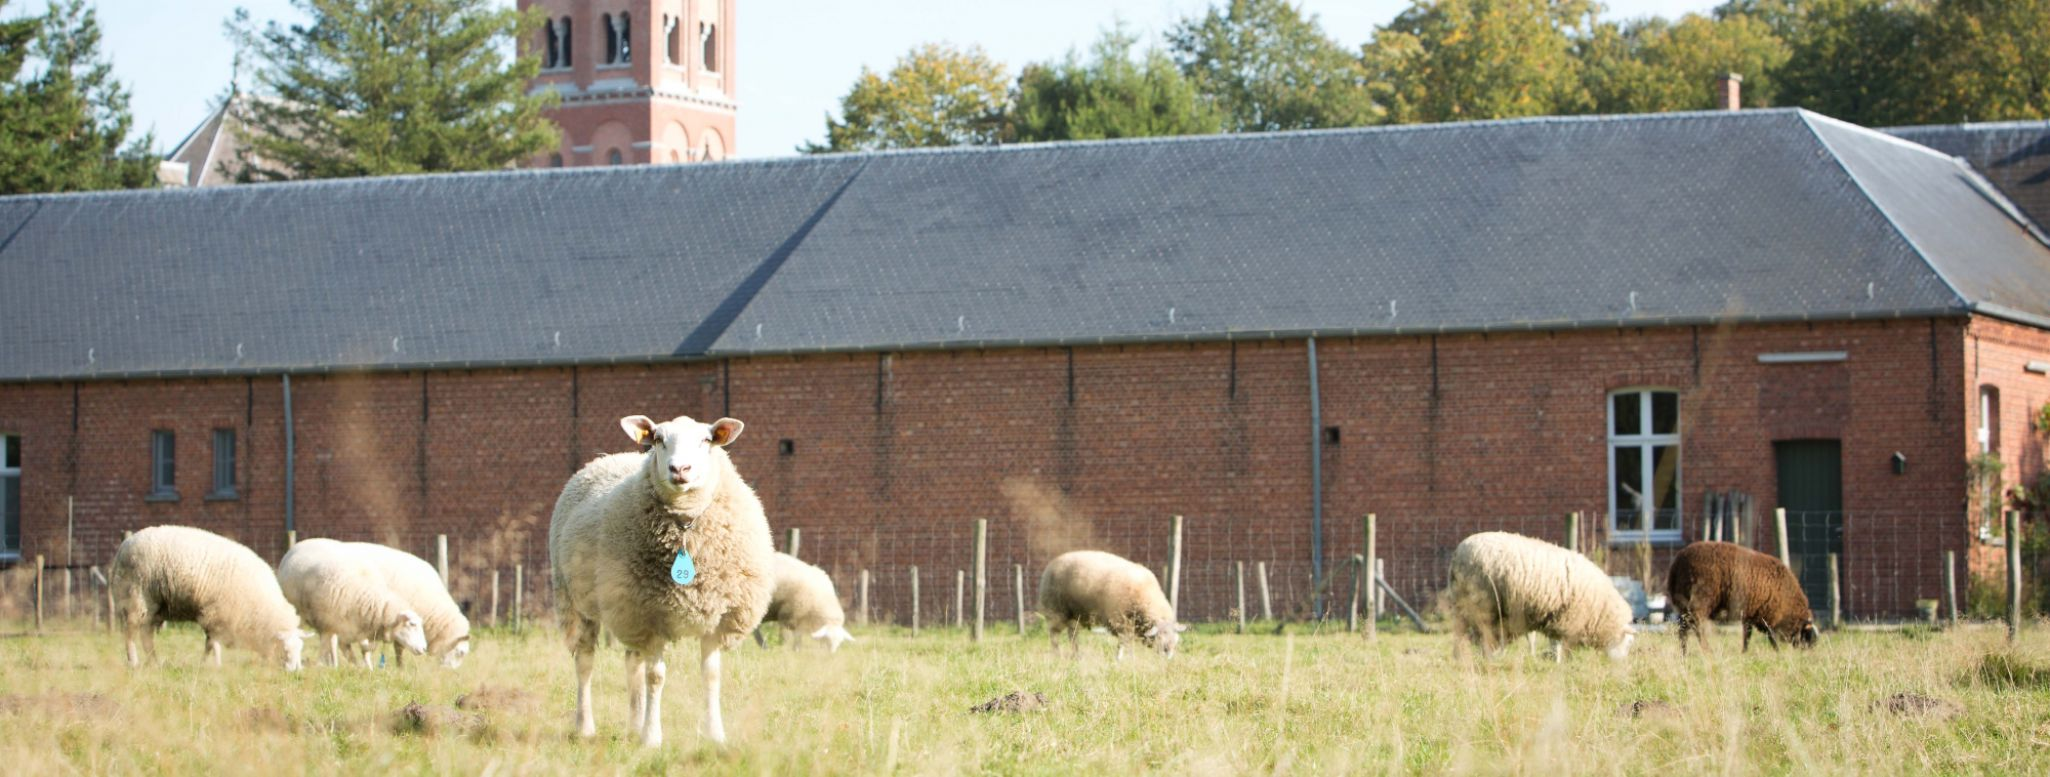 Abdij Westmalle gebouwen boerderij